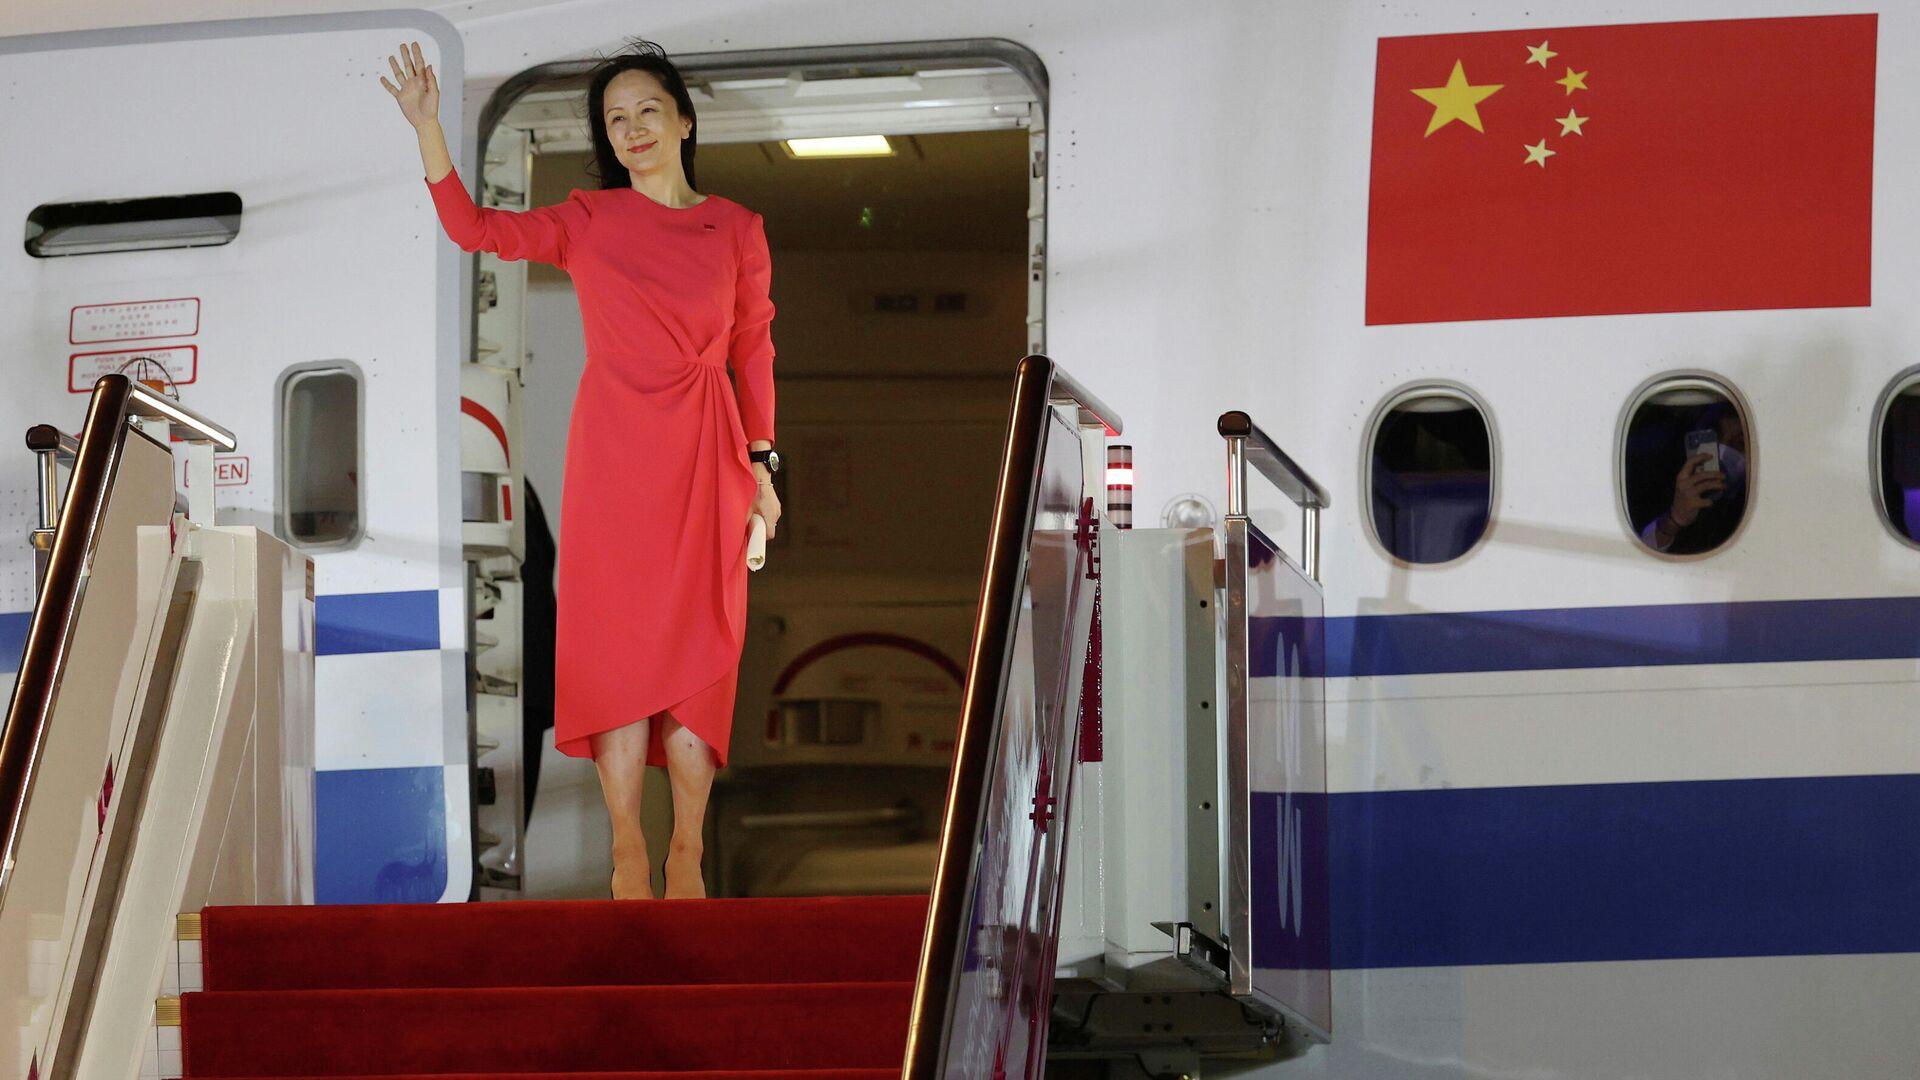 Финансовый директор Huawei Мэн Ваньчжоу выходит из самолета в аэропорту города Шэньчжэнь - Sputnik Грузия, 1920, 28.09.2021